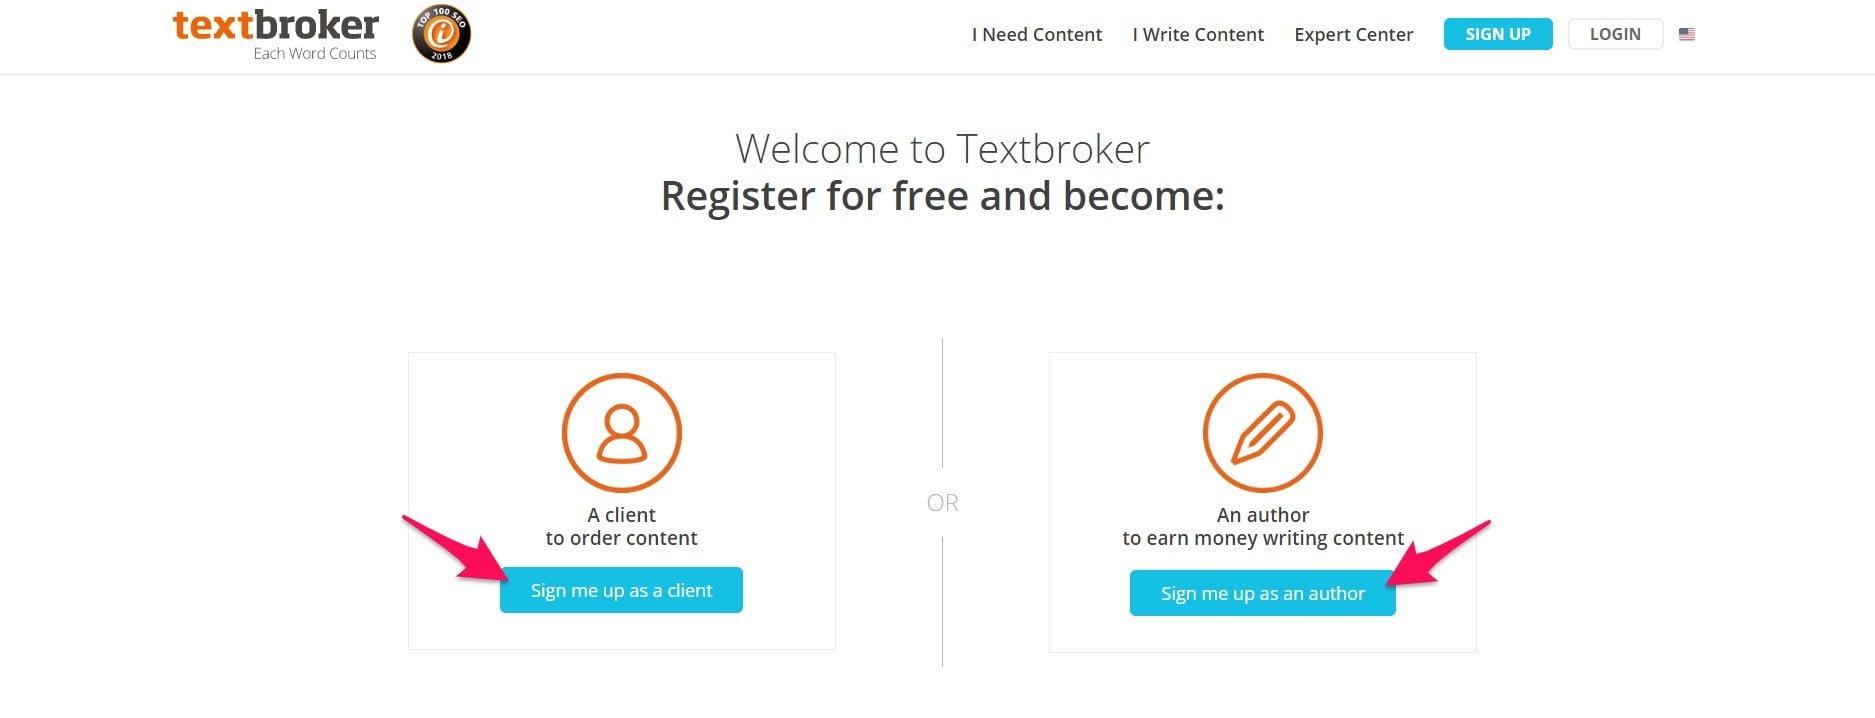 Textbroker registration